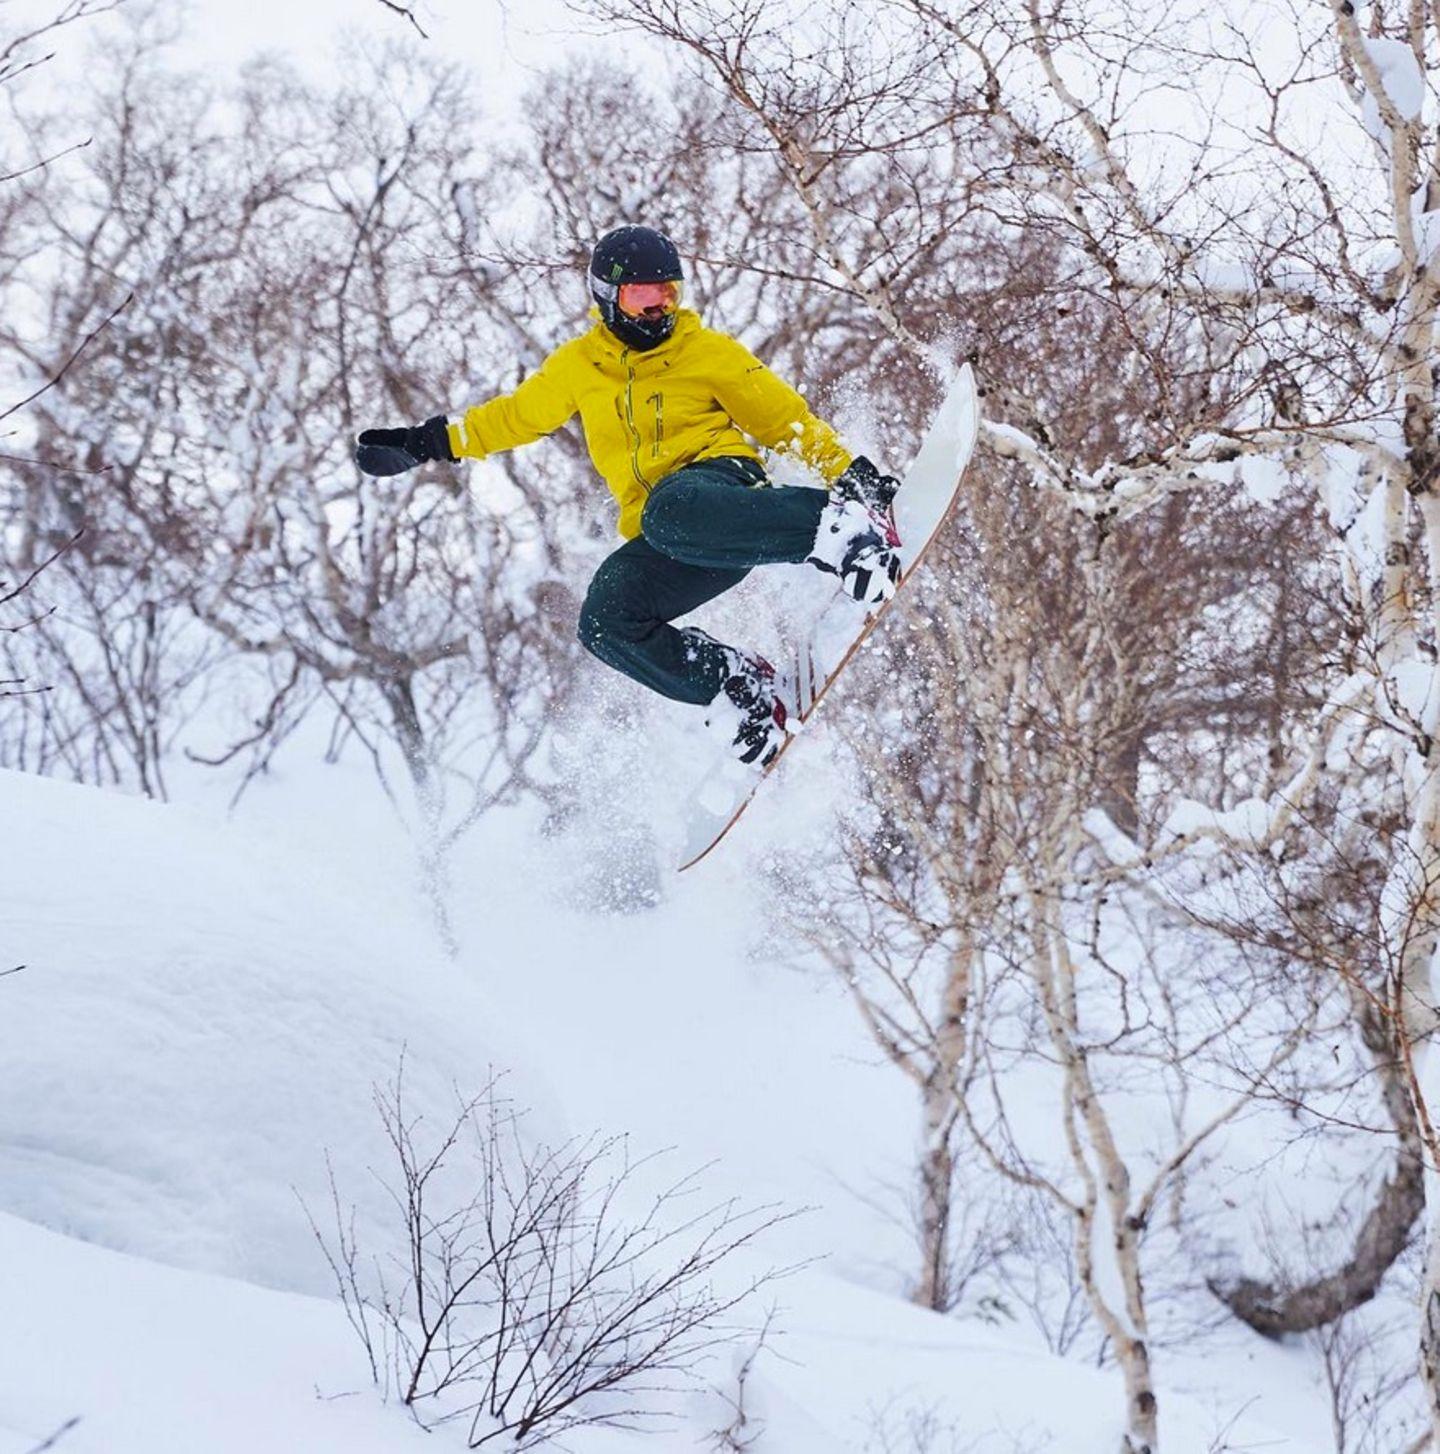 Erkennen Sie, welcher bekannte Sportler hier höchst professionell Snowboard fährt? Es ist Rennfahrer Lewis Hamilton.